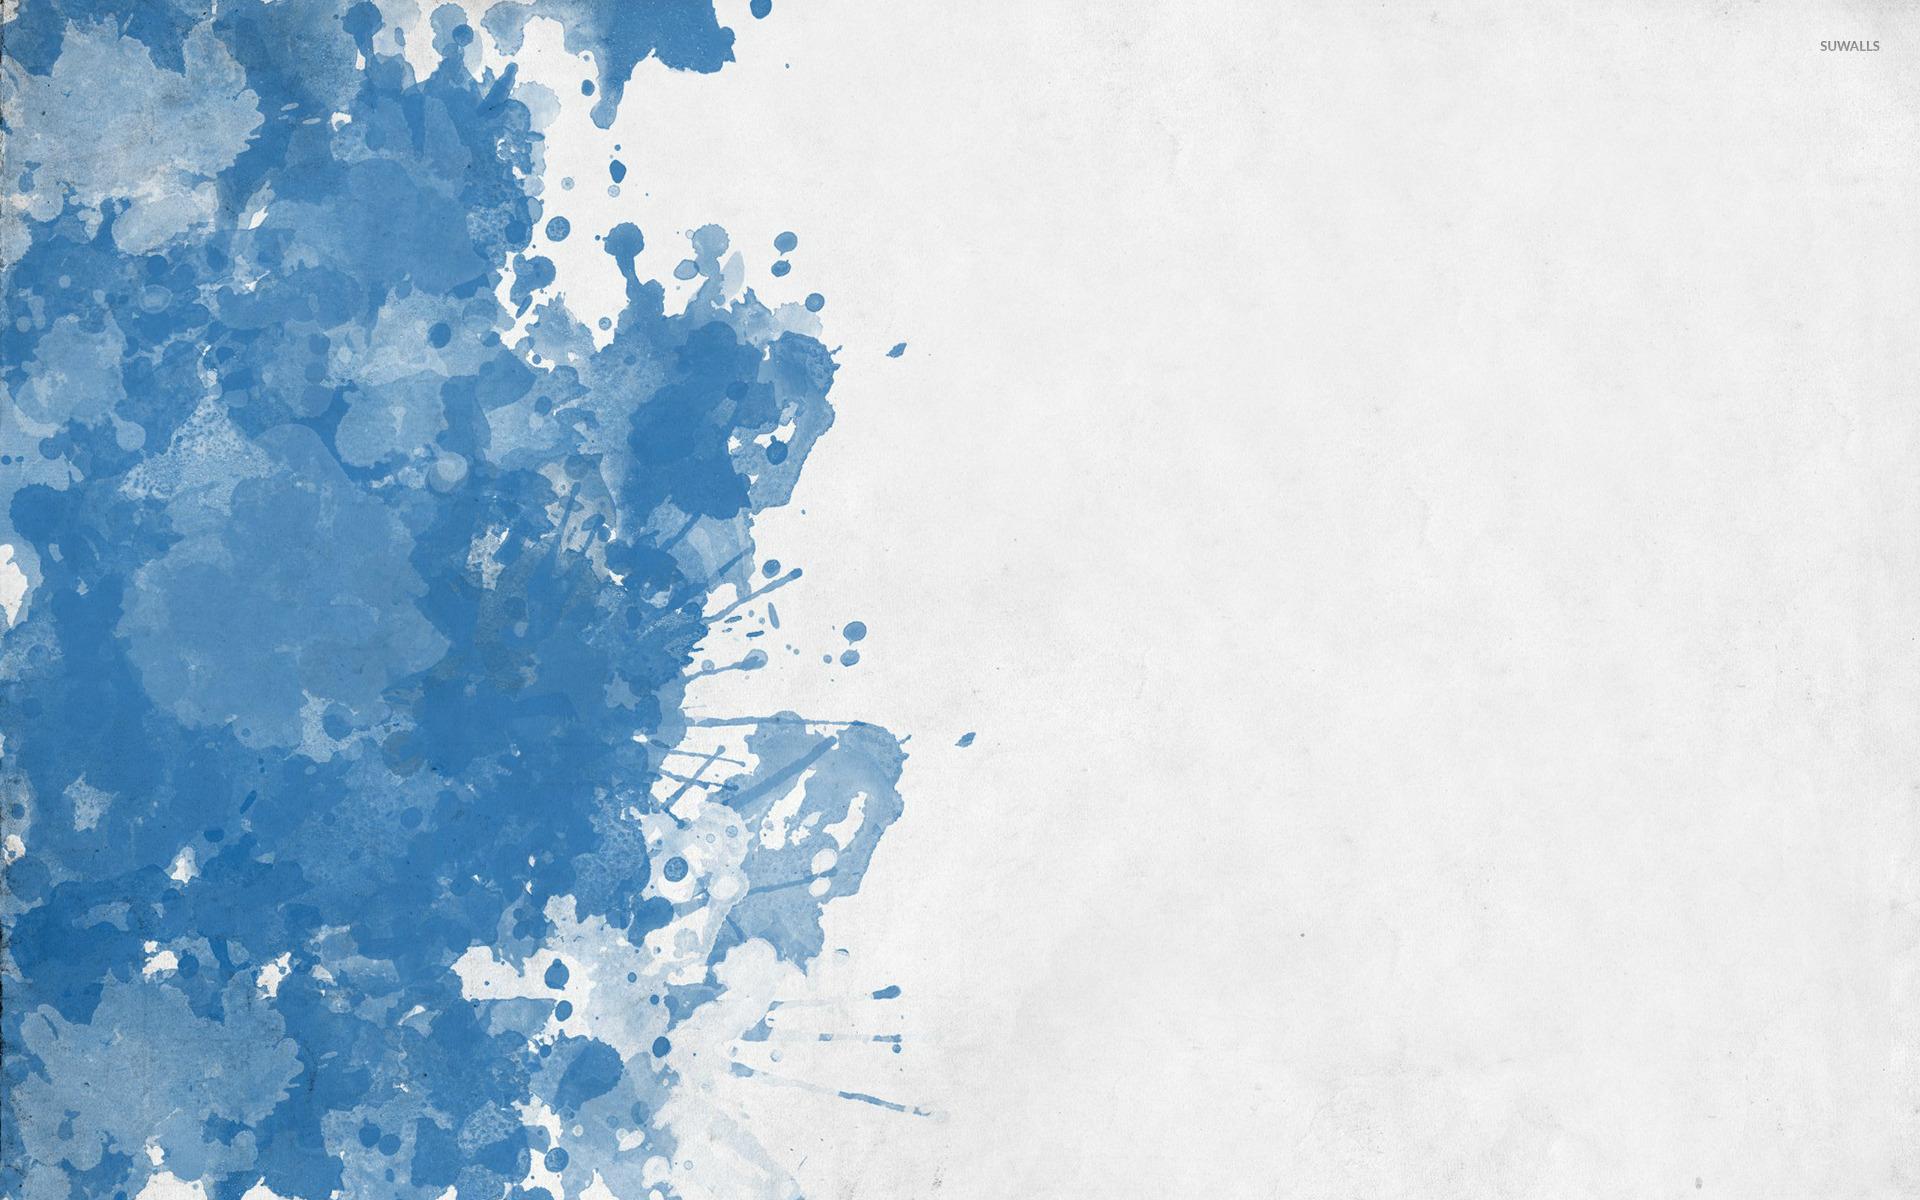 Paint Splash HD Desktop Wallpaper 18192   Baltana 1920x1200